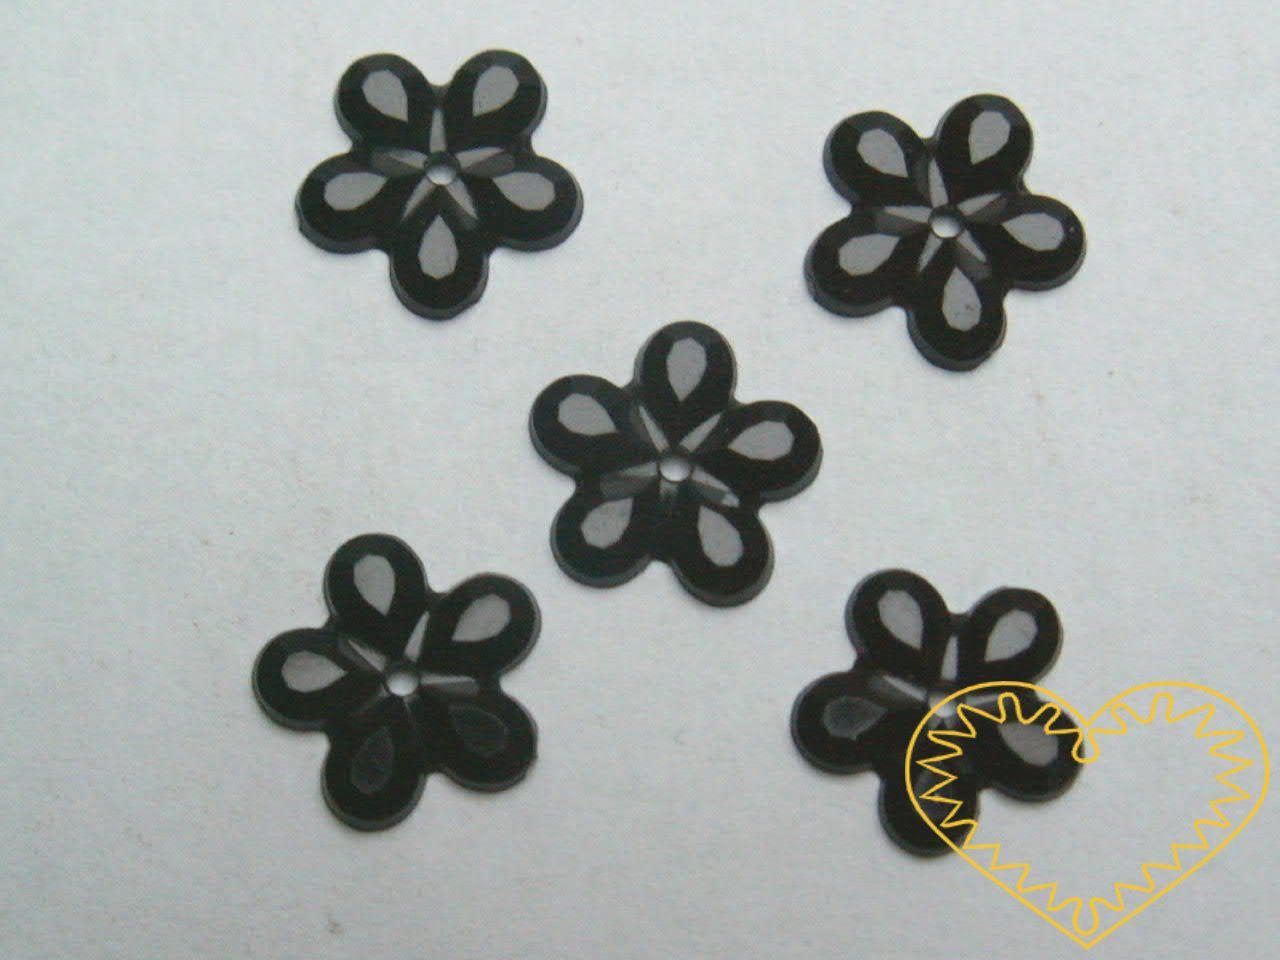 Našívací kytičky černé Ø 11 mm -20 ks. Vhodné k dekorování tašek, kabelek, triček, klobouků, čepic, bot, bytového textilu, při výrobě maňásků, panenek, přáníček ad.